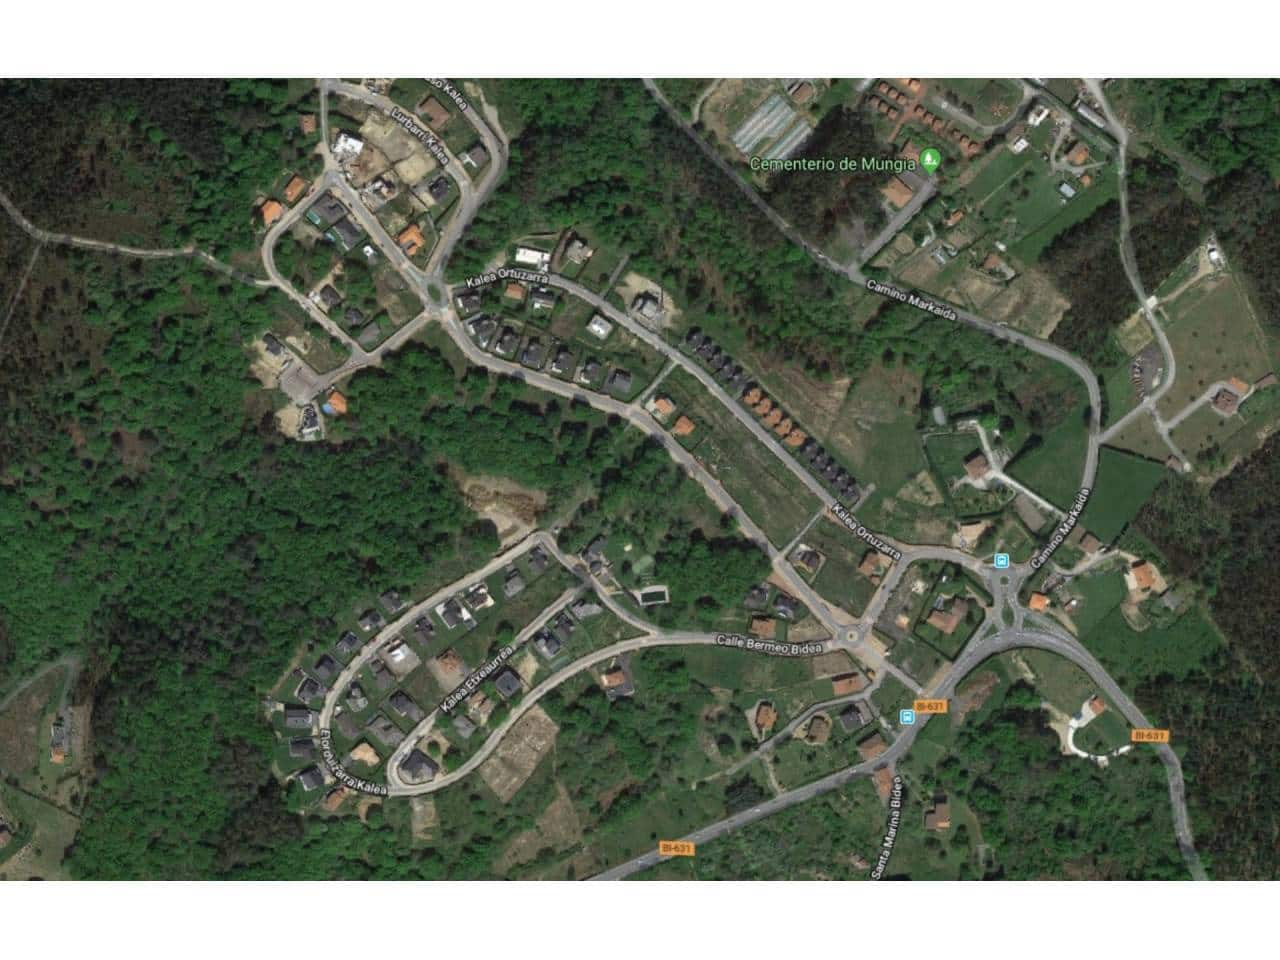 Terreno Não Urbanizado para venda em Mungia - 220 000 € (Ref: 3860575)